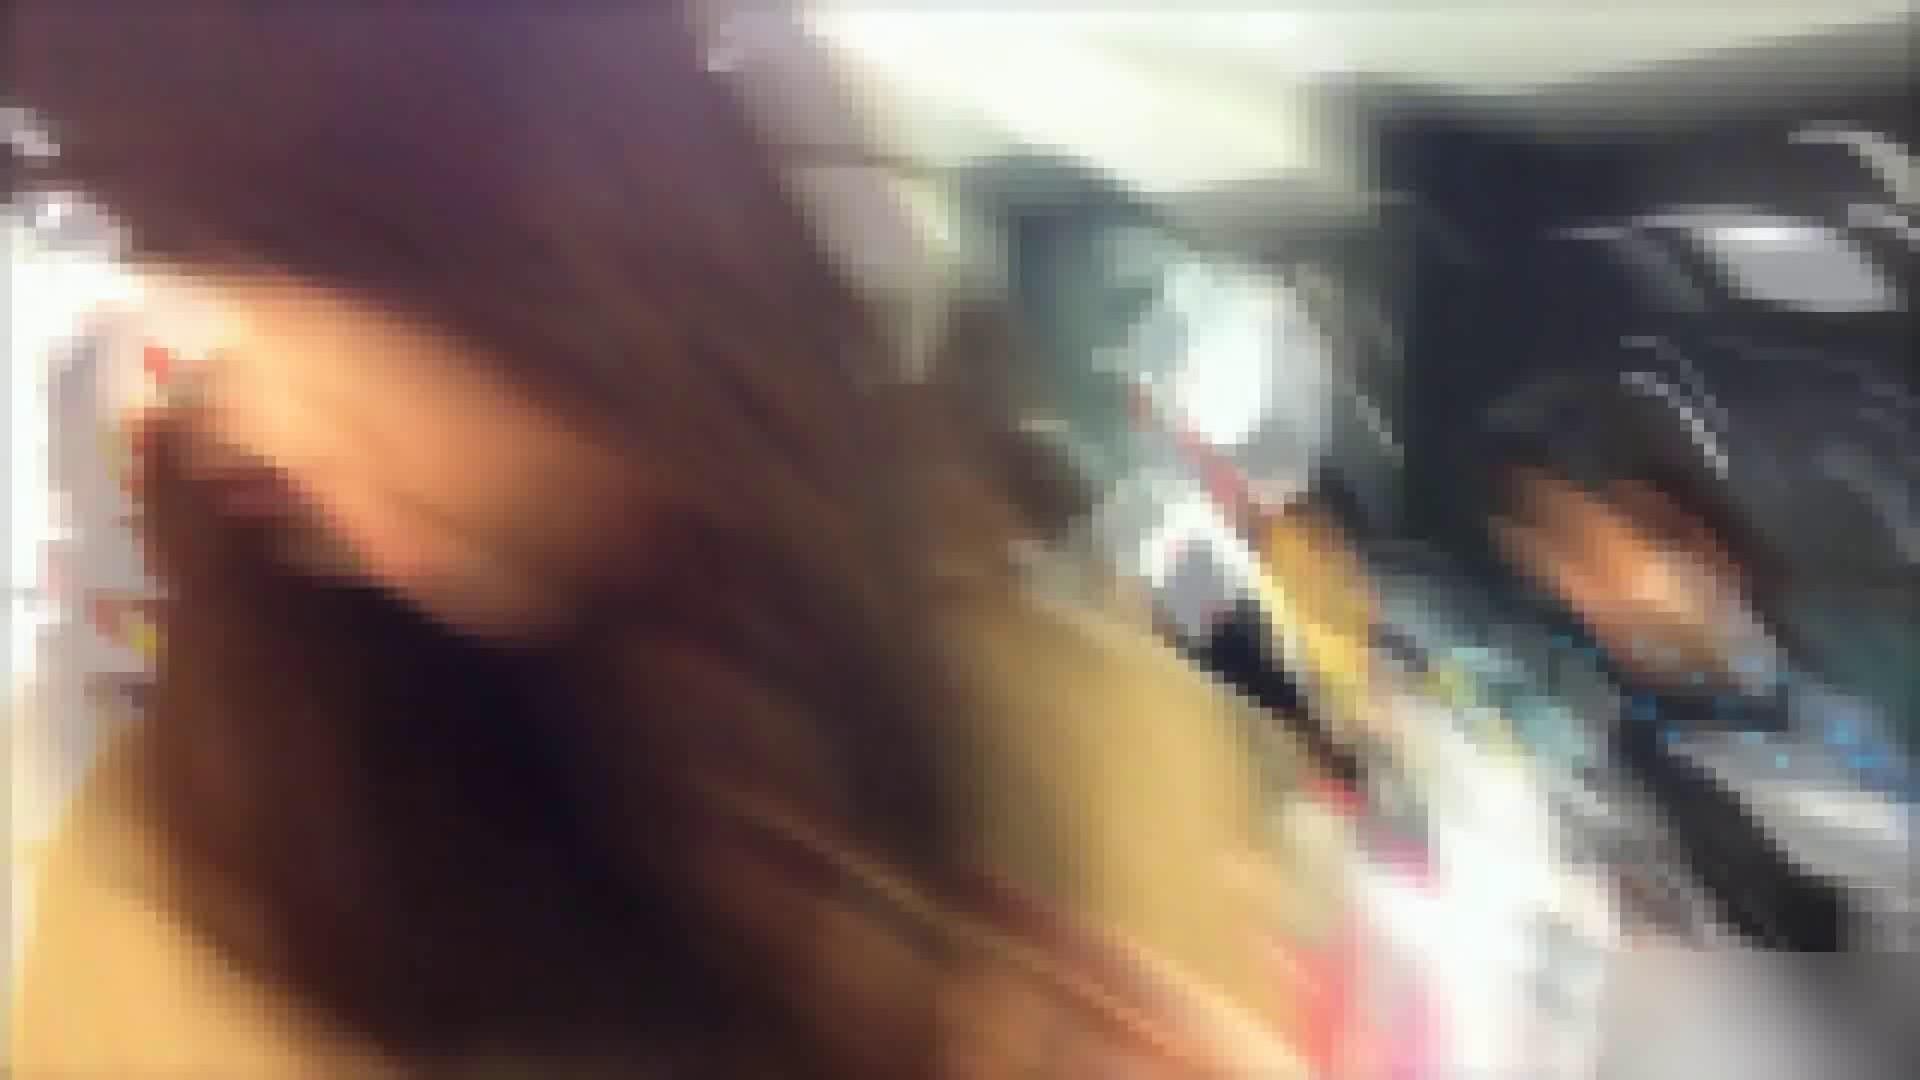 ガールズパンチラストリートビューVol.012 OLの実態 盗撮AV動画キャプチャ 47pic 38